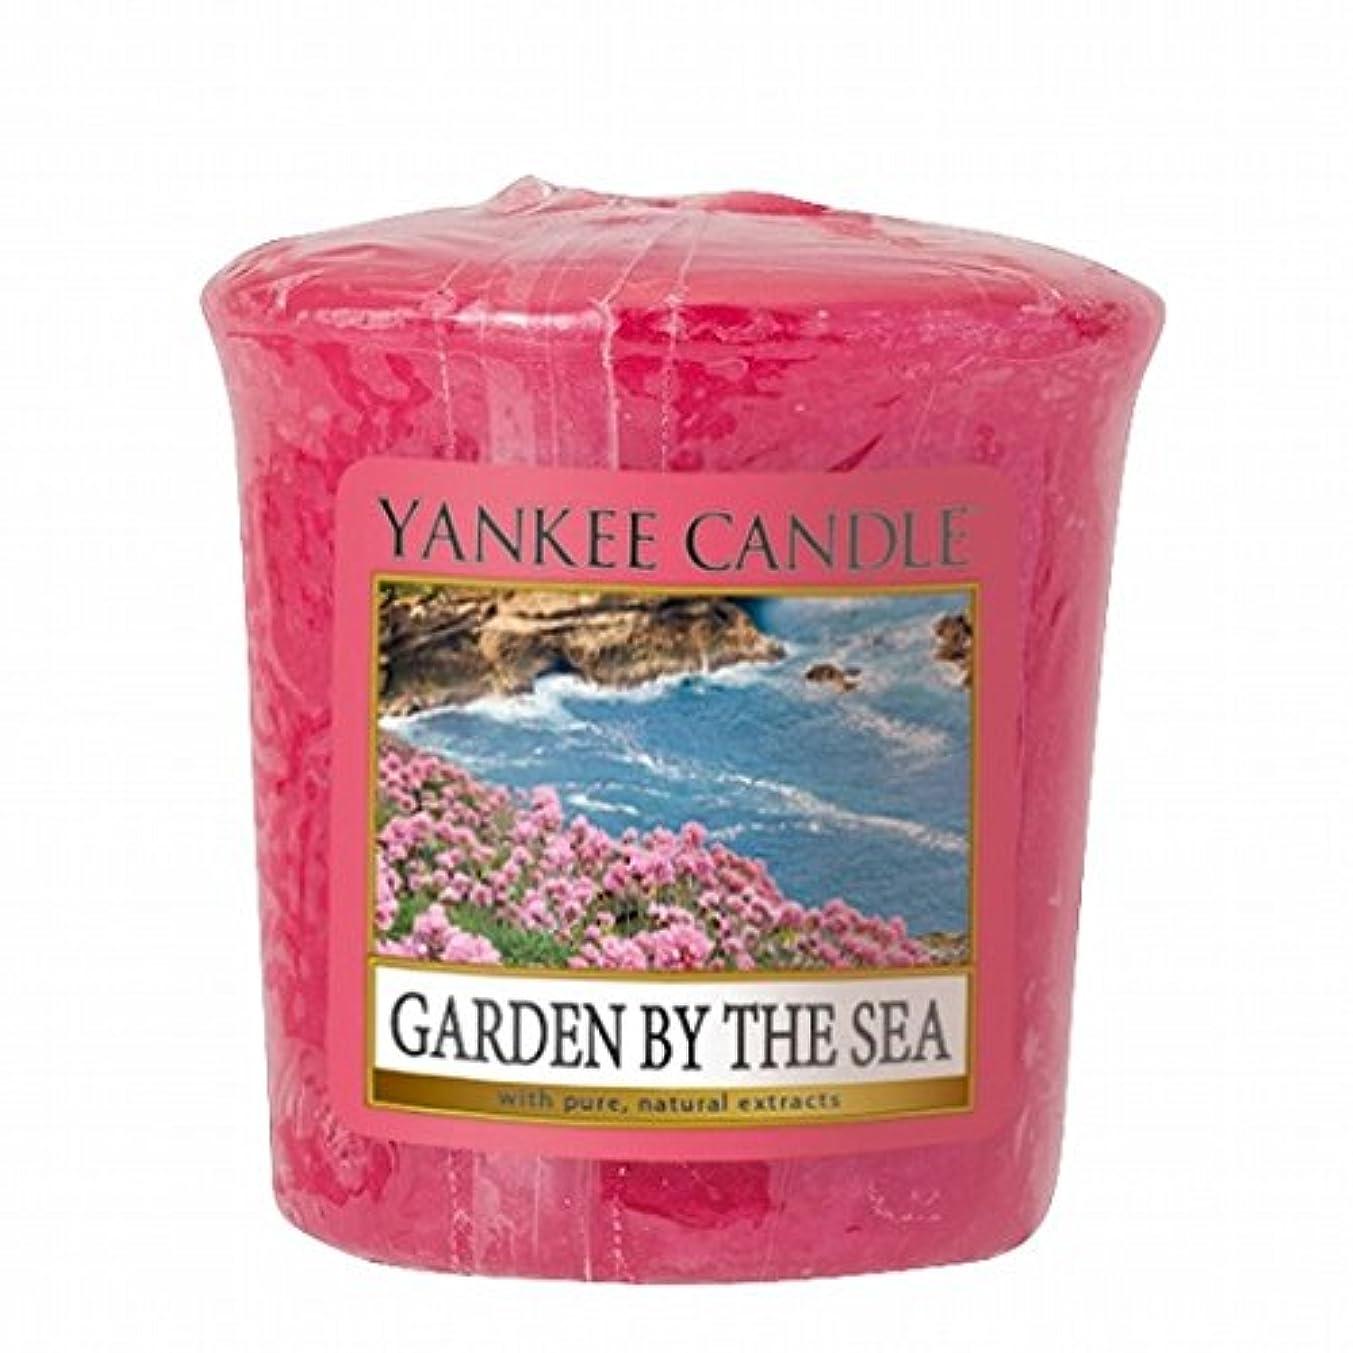 ブレンド処方する韻ヤンキーキャンドル(YANKEE CANDLE) YANKEE CANDLE サンプラー 「ガーデンバイザシー」